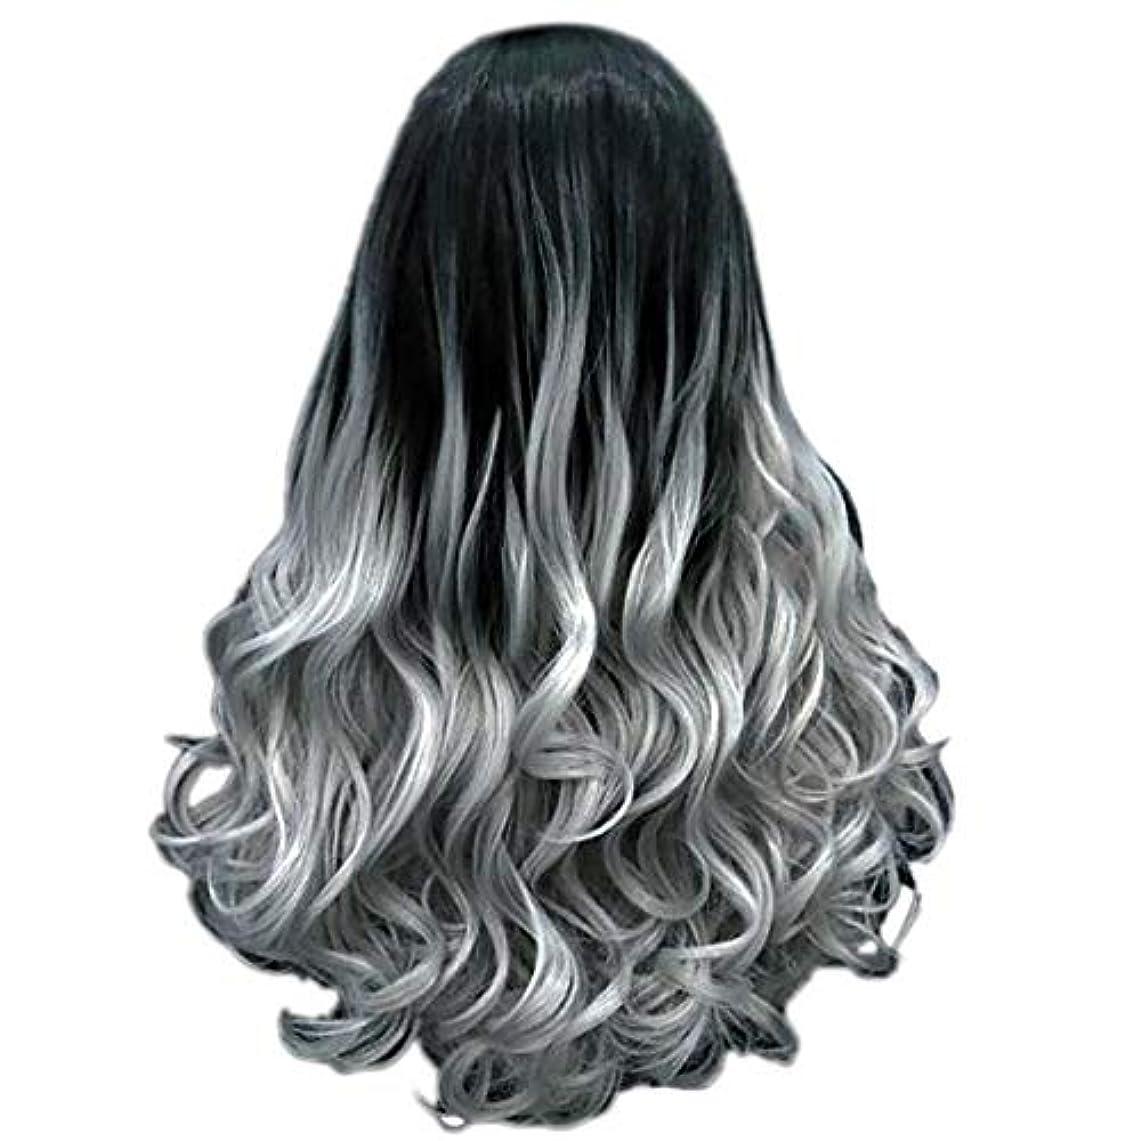 アンビエント膿瘍自宅で女性の長い巻き毛のファッションセクシーなかつら70 cmをかつら